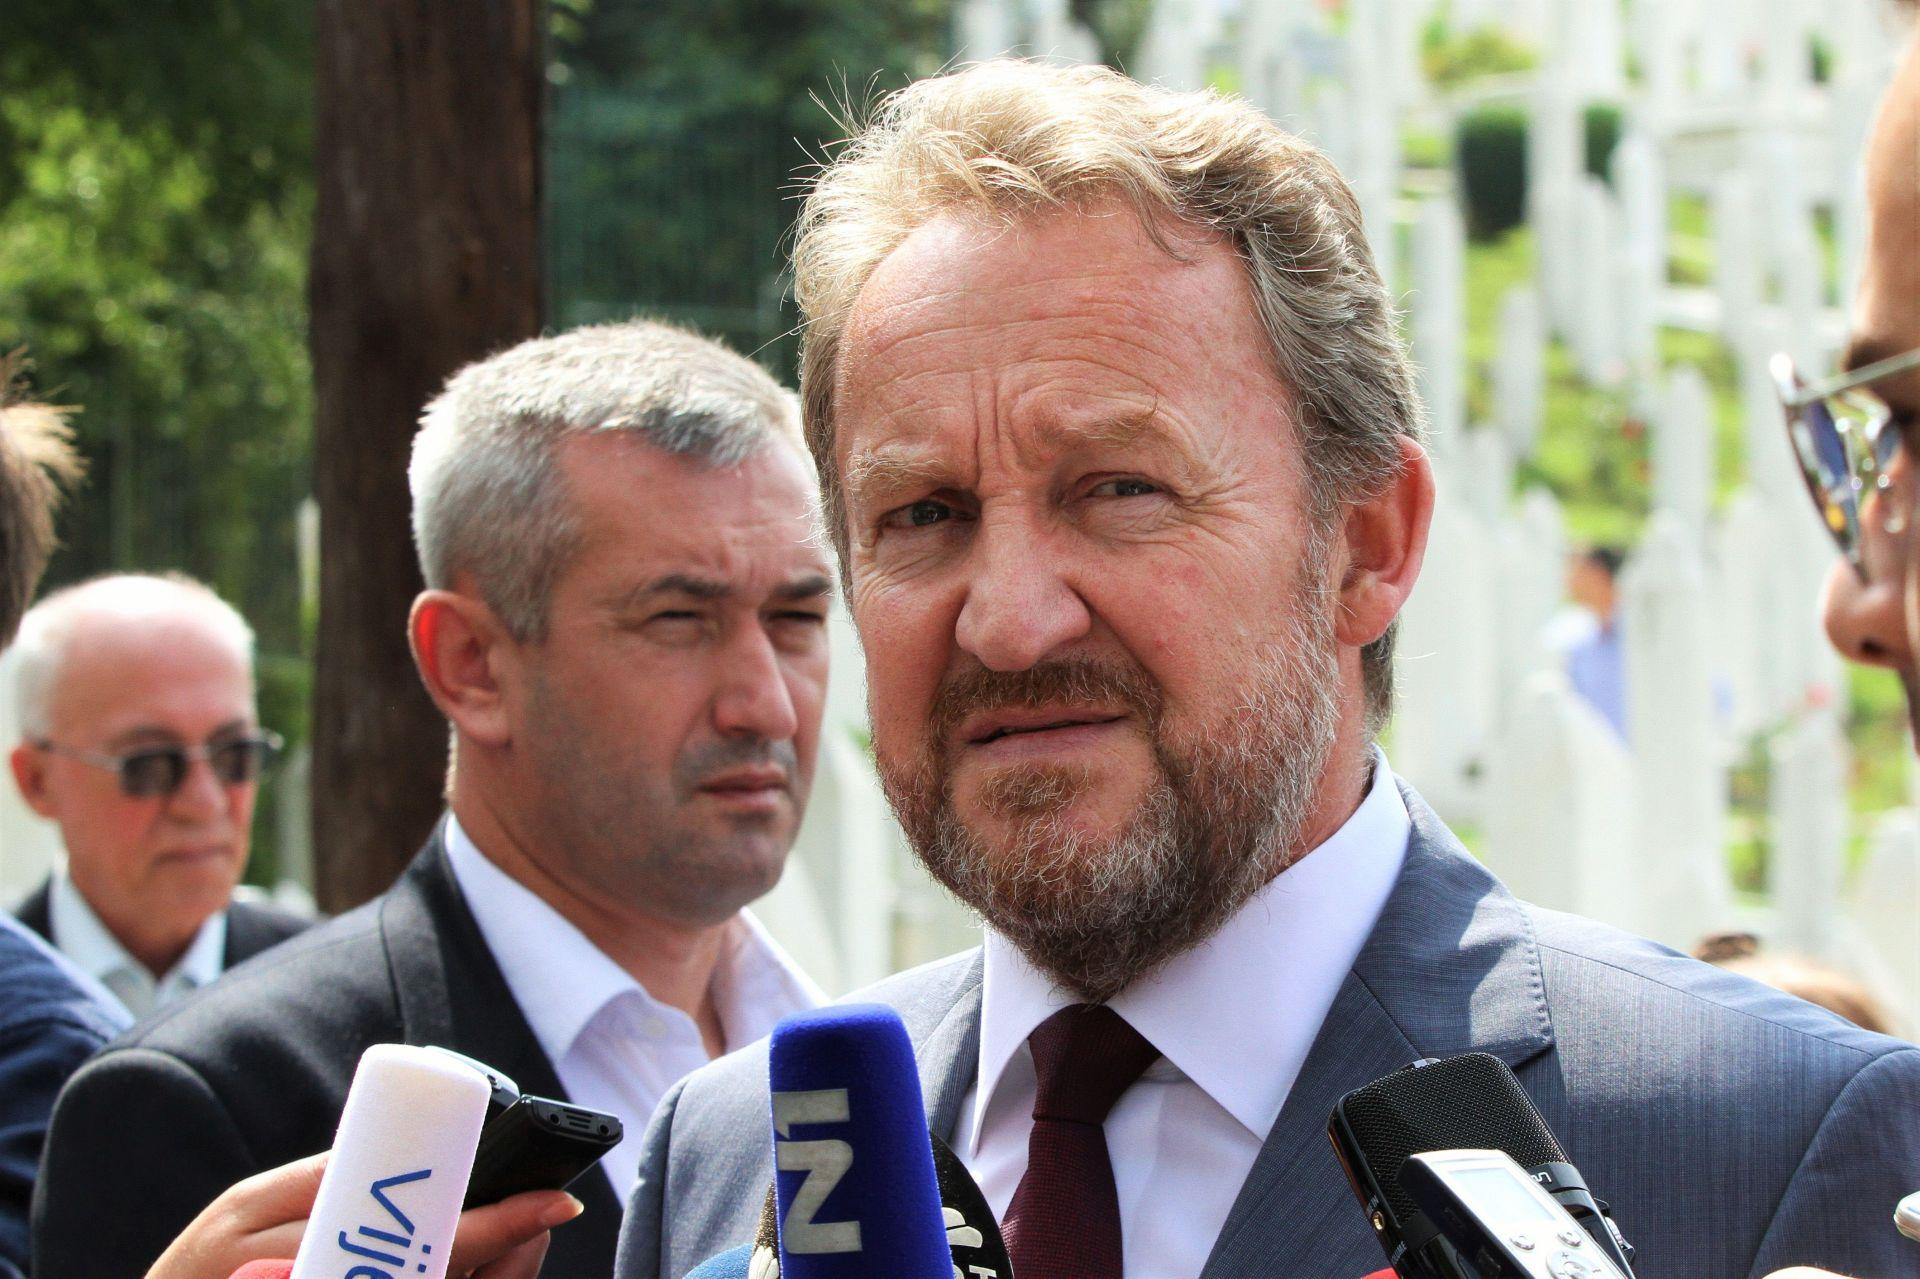 ZA NAPREDAK: Izetbegović vjeruje da će se hrvatsko-bošnjački odnosi poboljšati